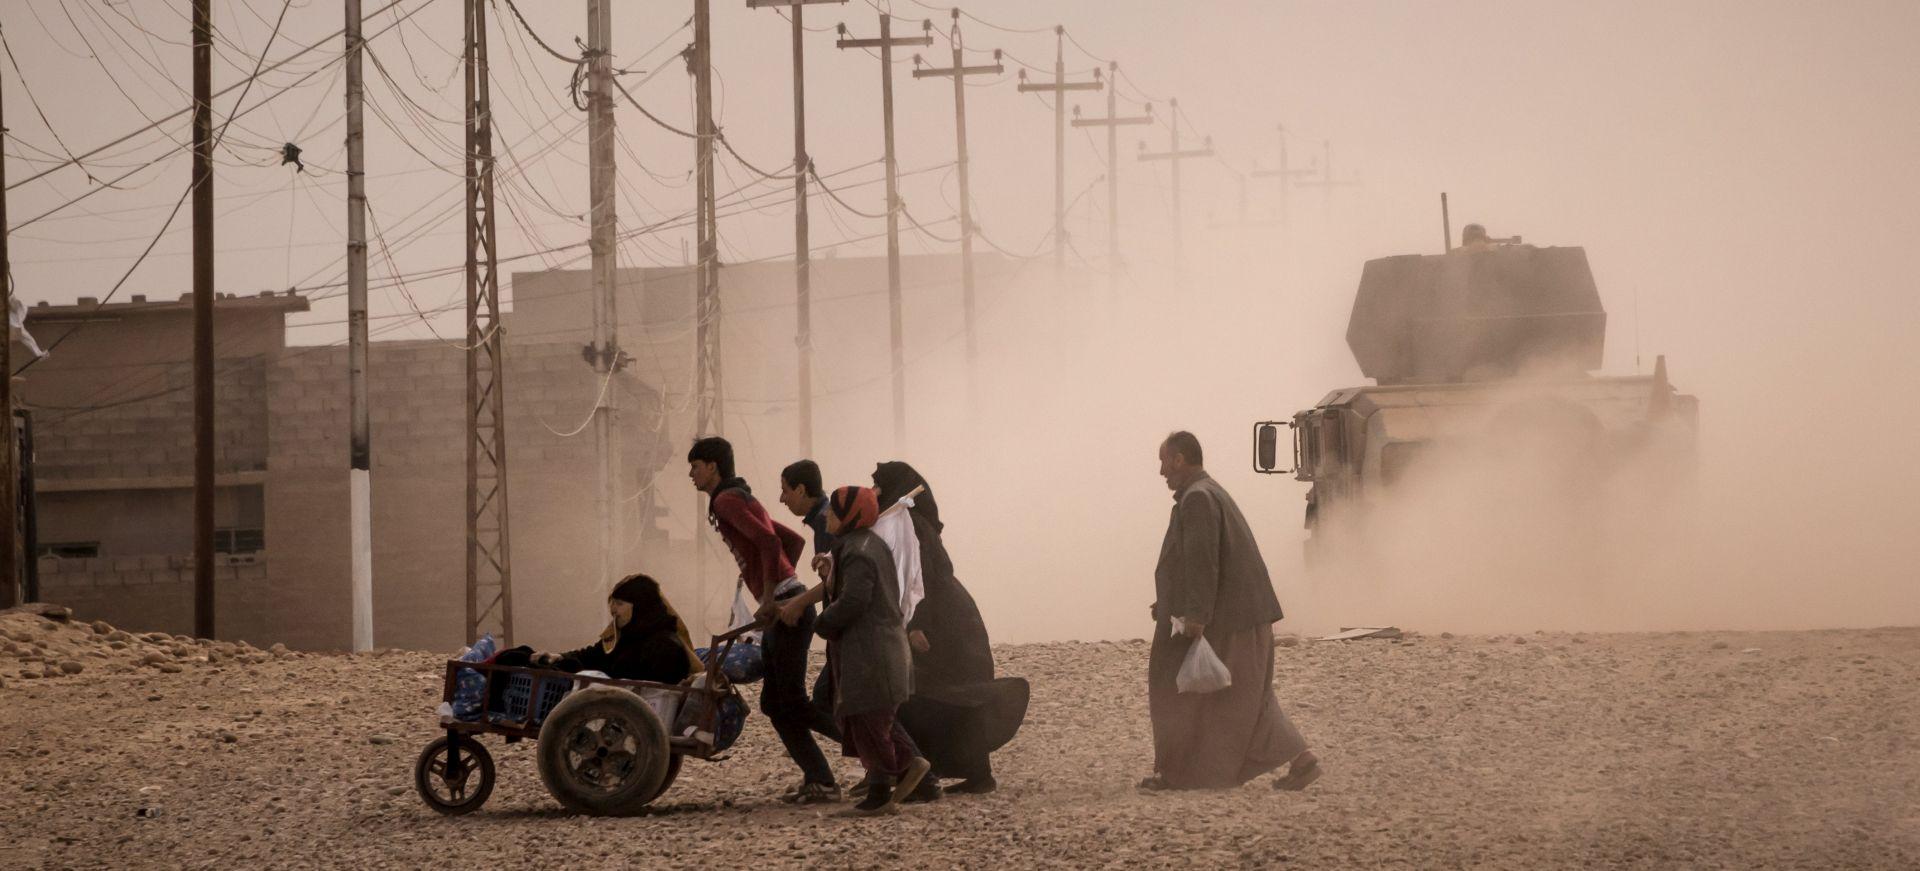 Civili počeli bježati iz zapadnog Mosula